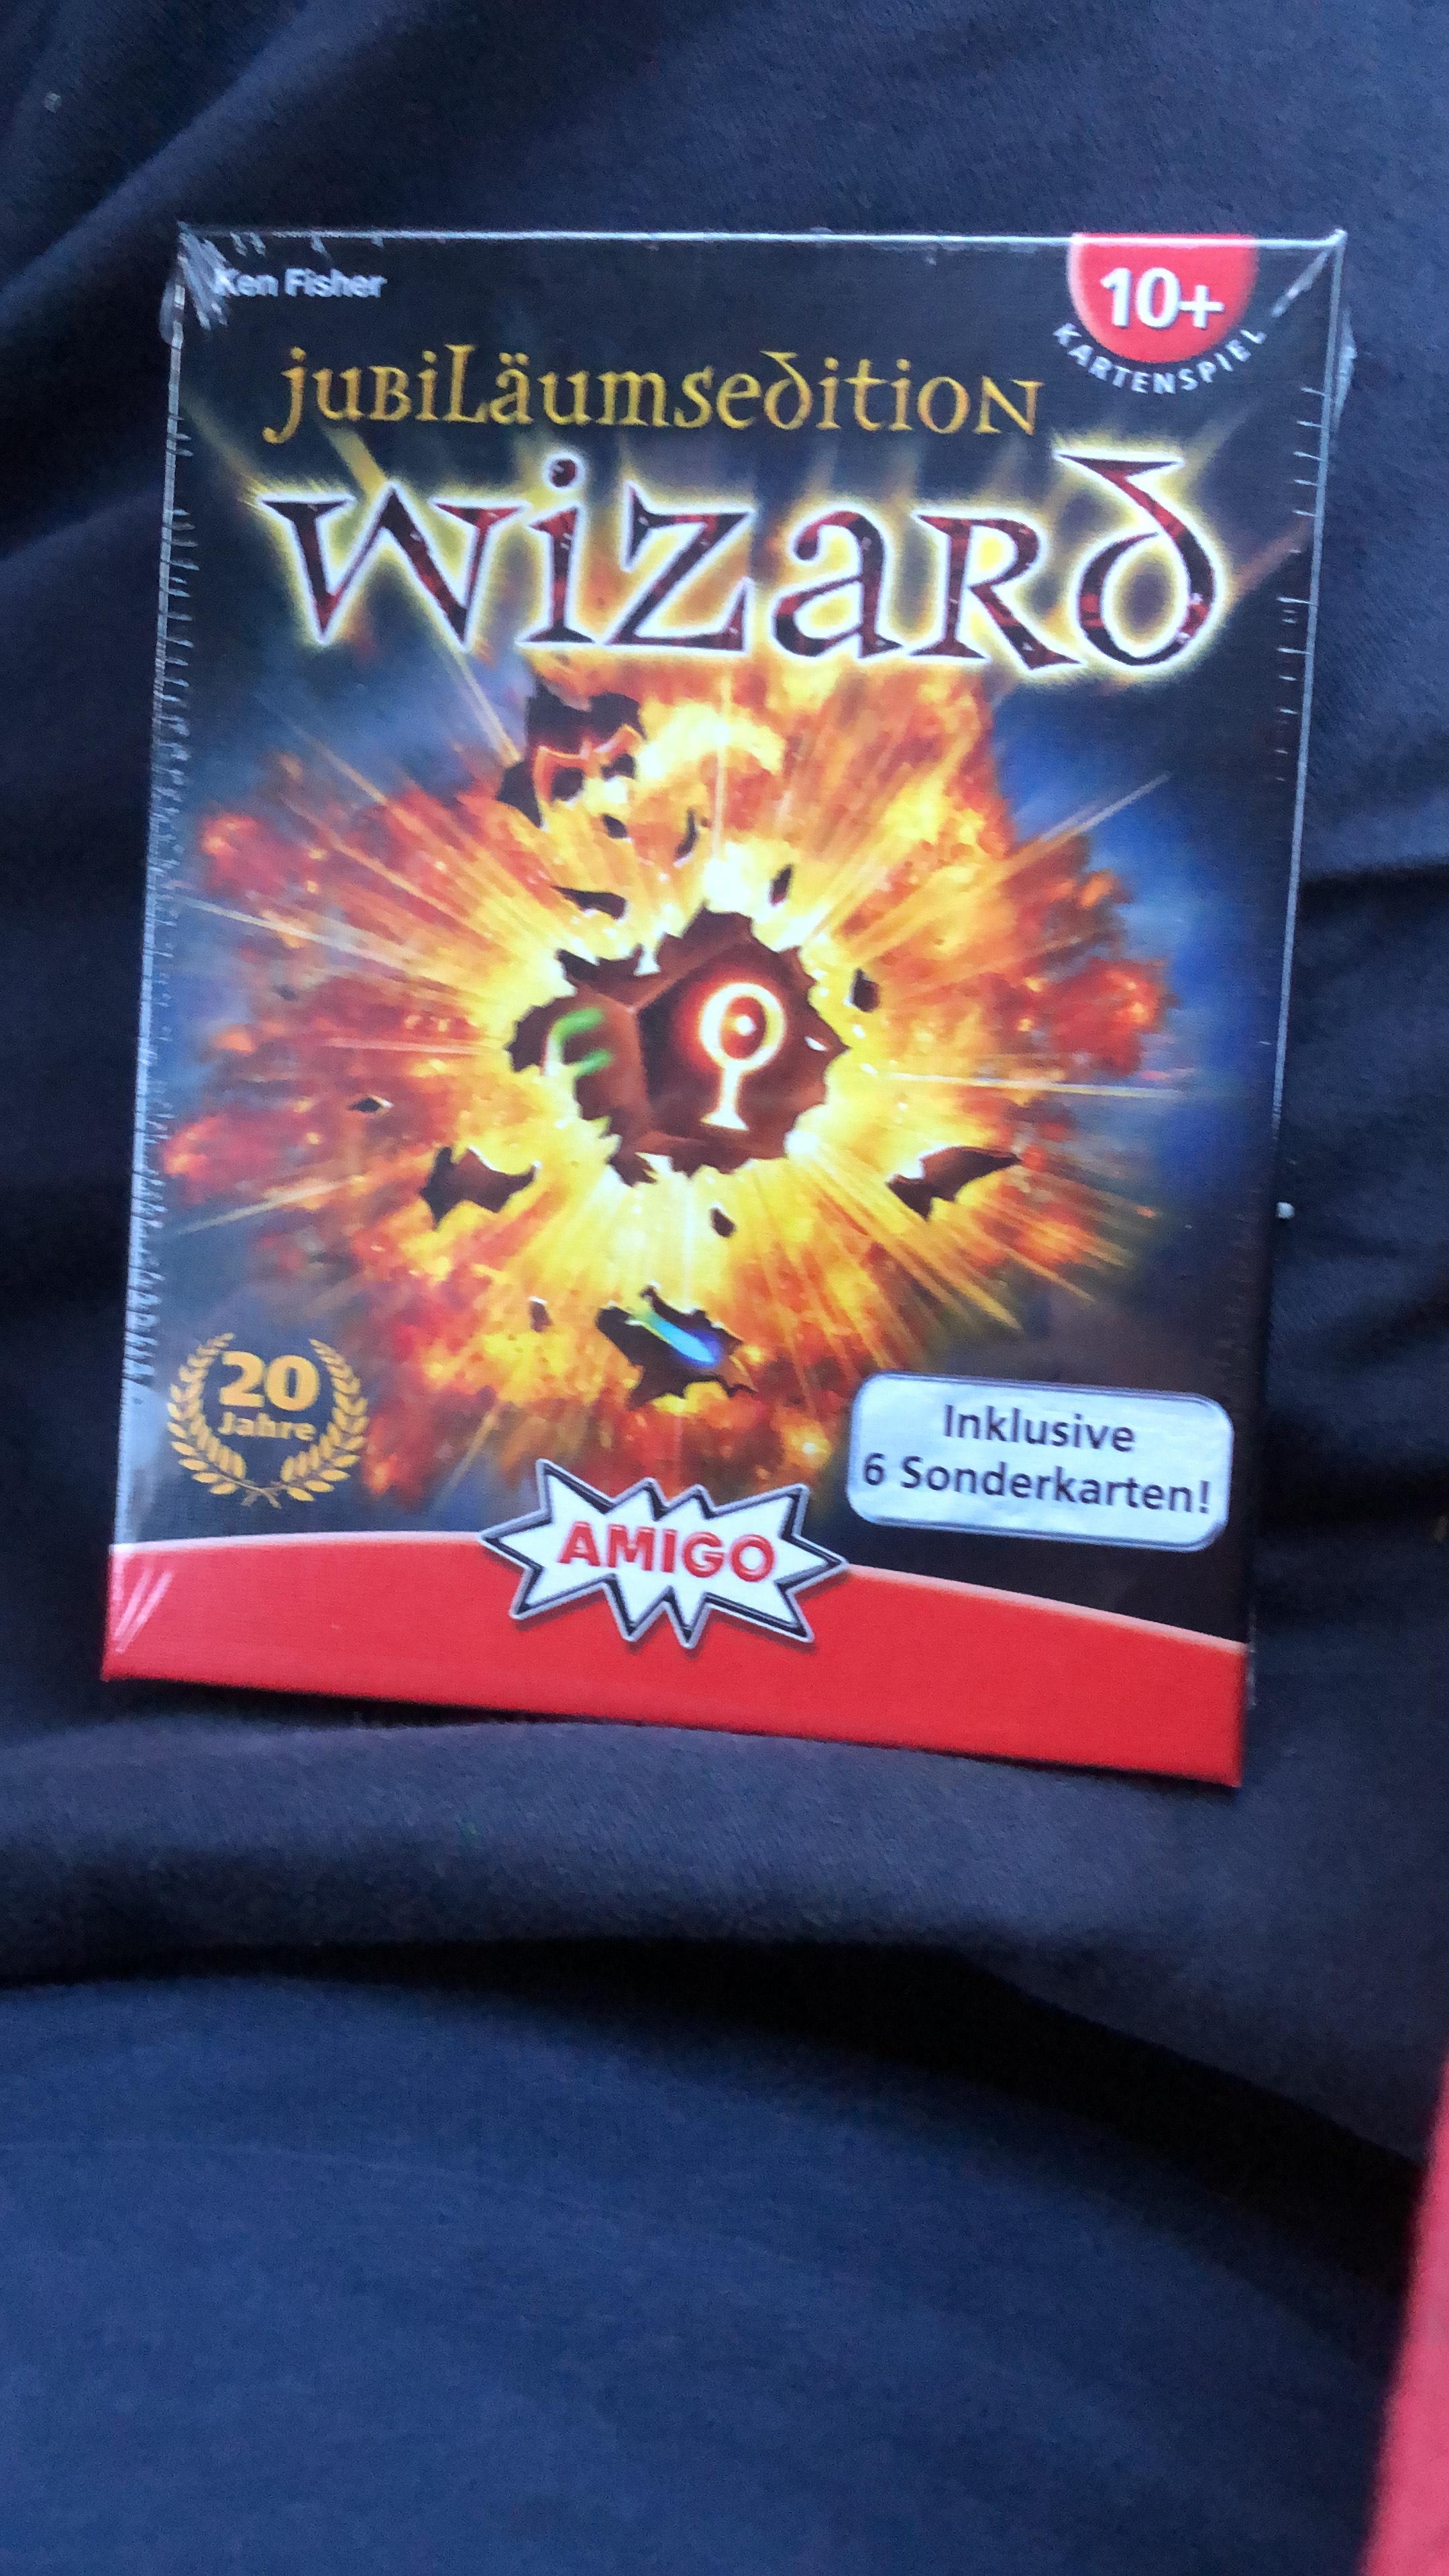 Wizard Jubiläumsedition wieder verfügbar Onlinehandel vor kurzem >100€